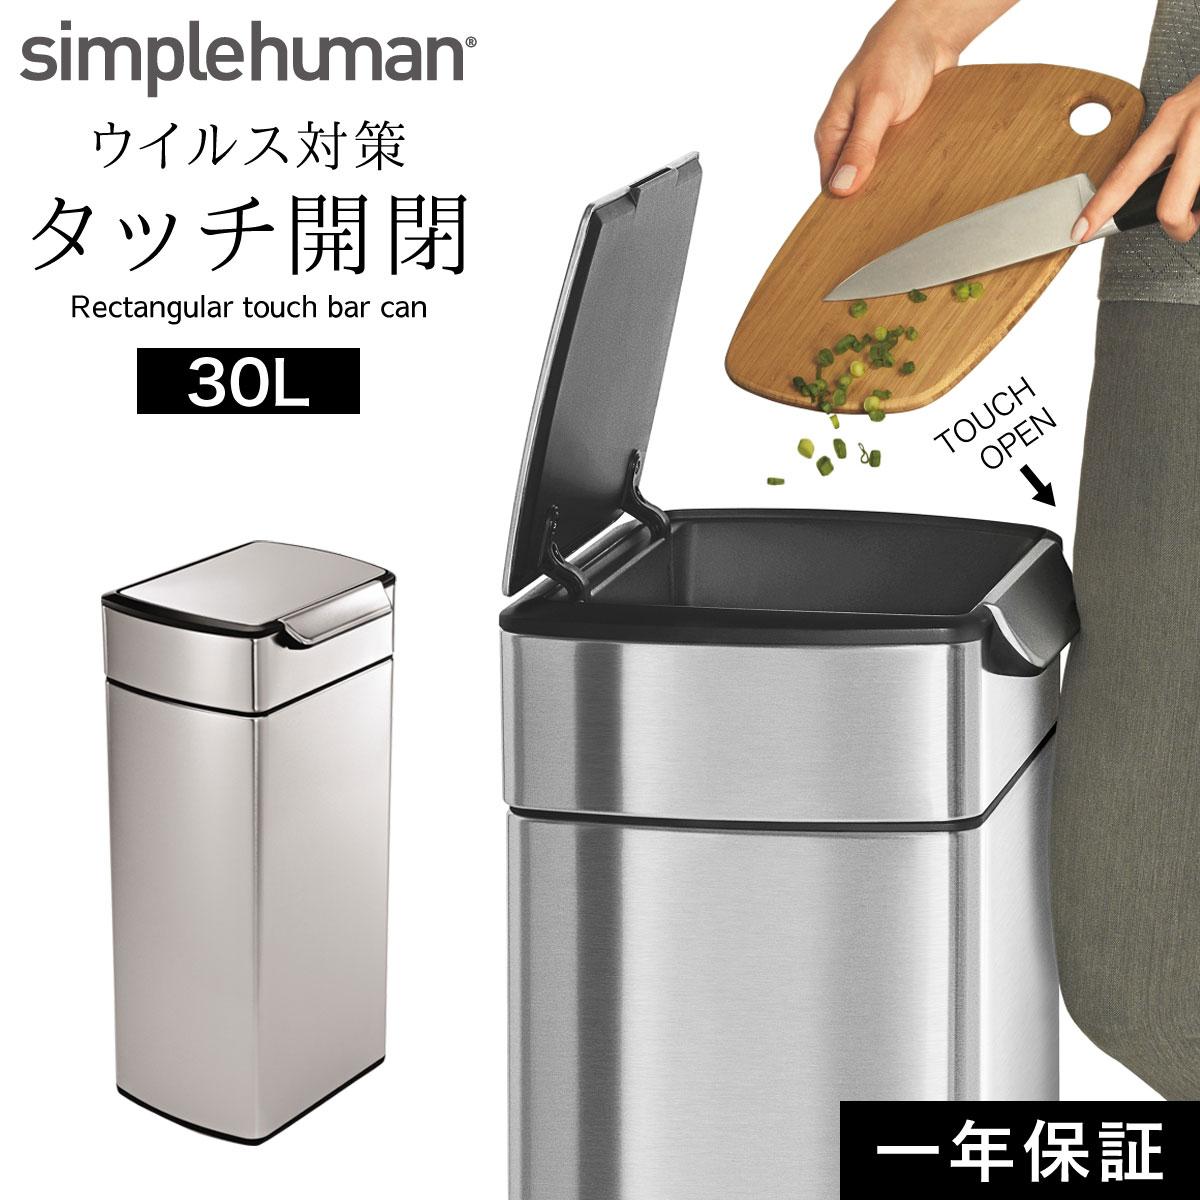 simplehuman ゴミ箱 ごみ箱 ふた付き おしゃれ ステンレス 30l シンプルヒューマン レクタンギュラータッチバーカン 30L 00130